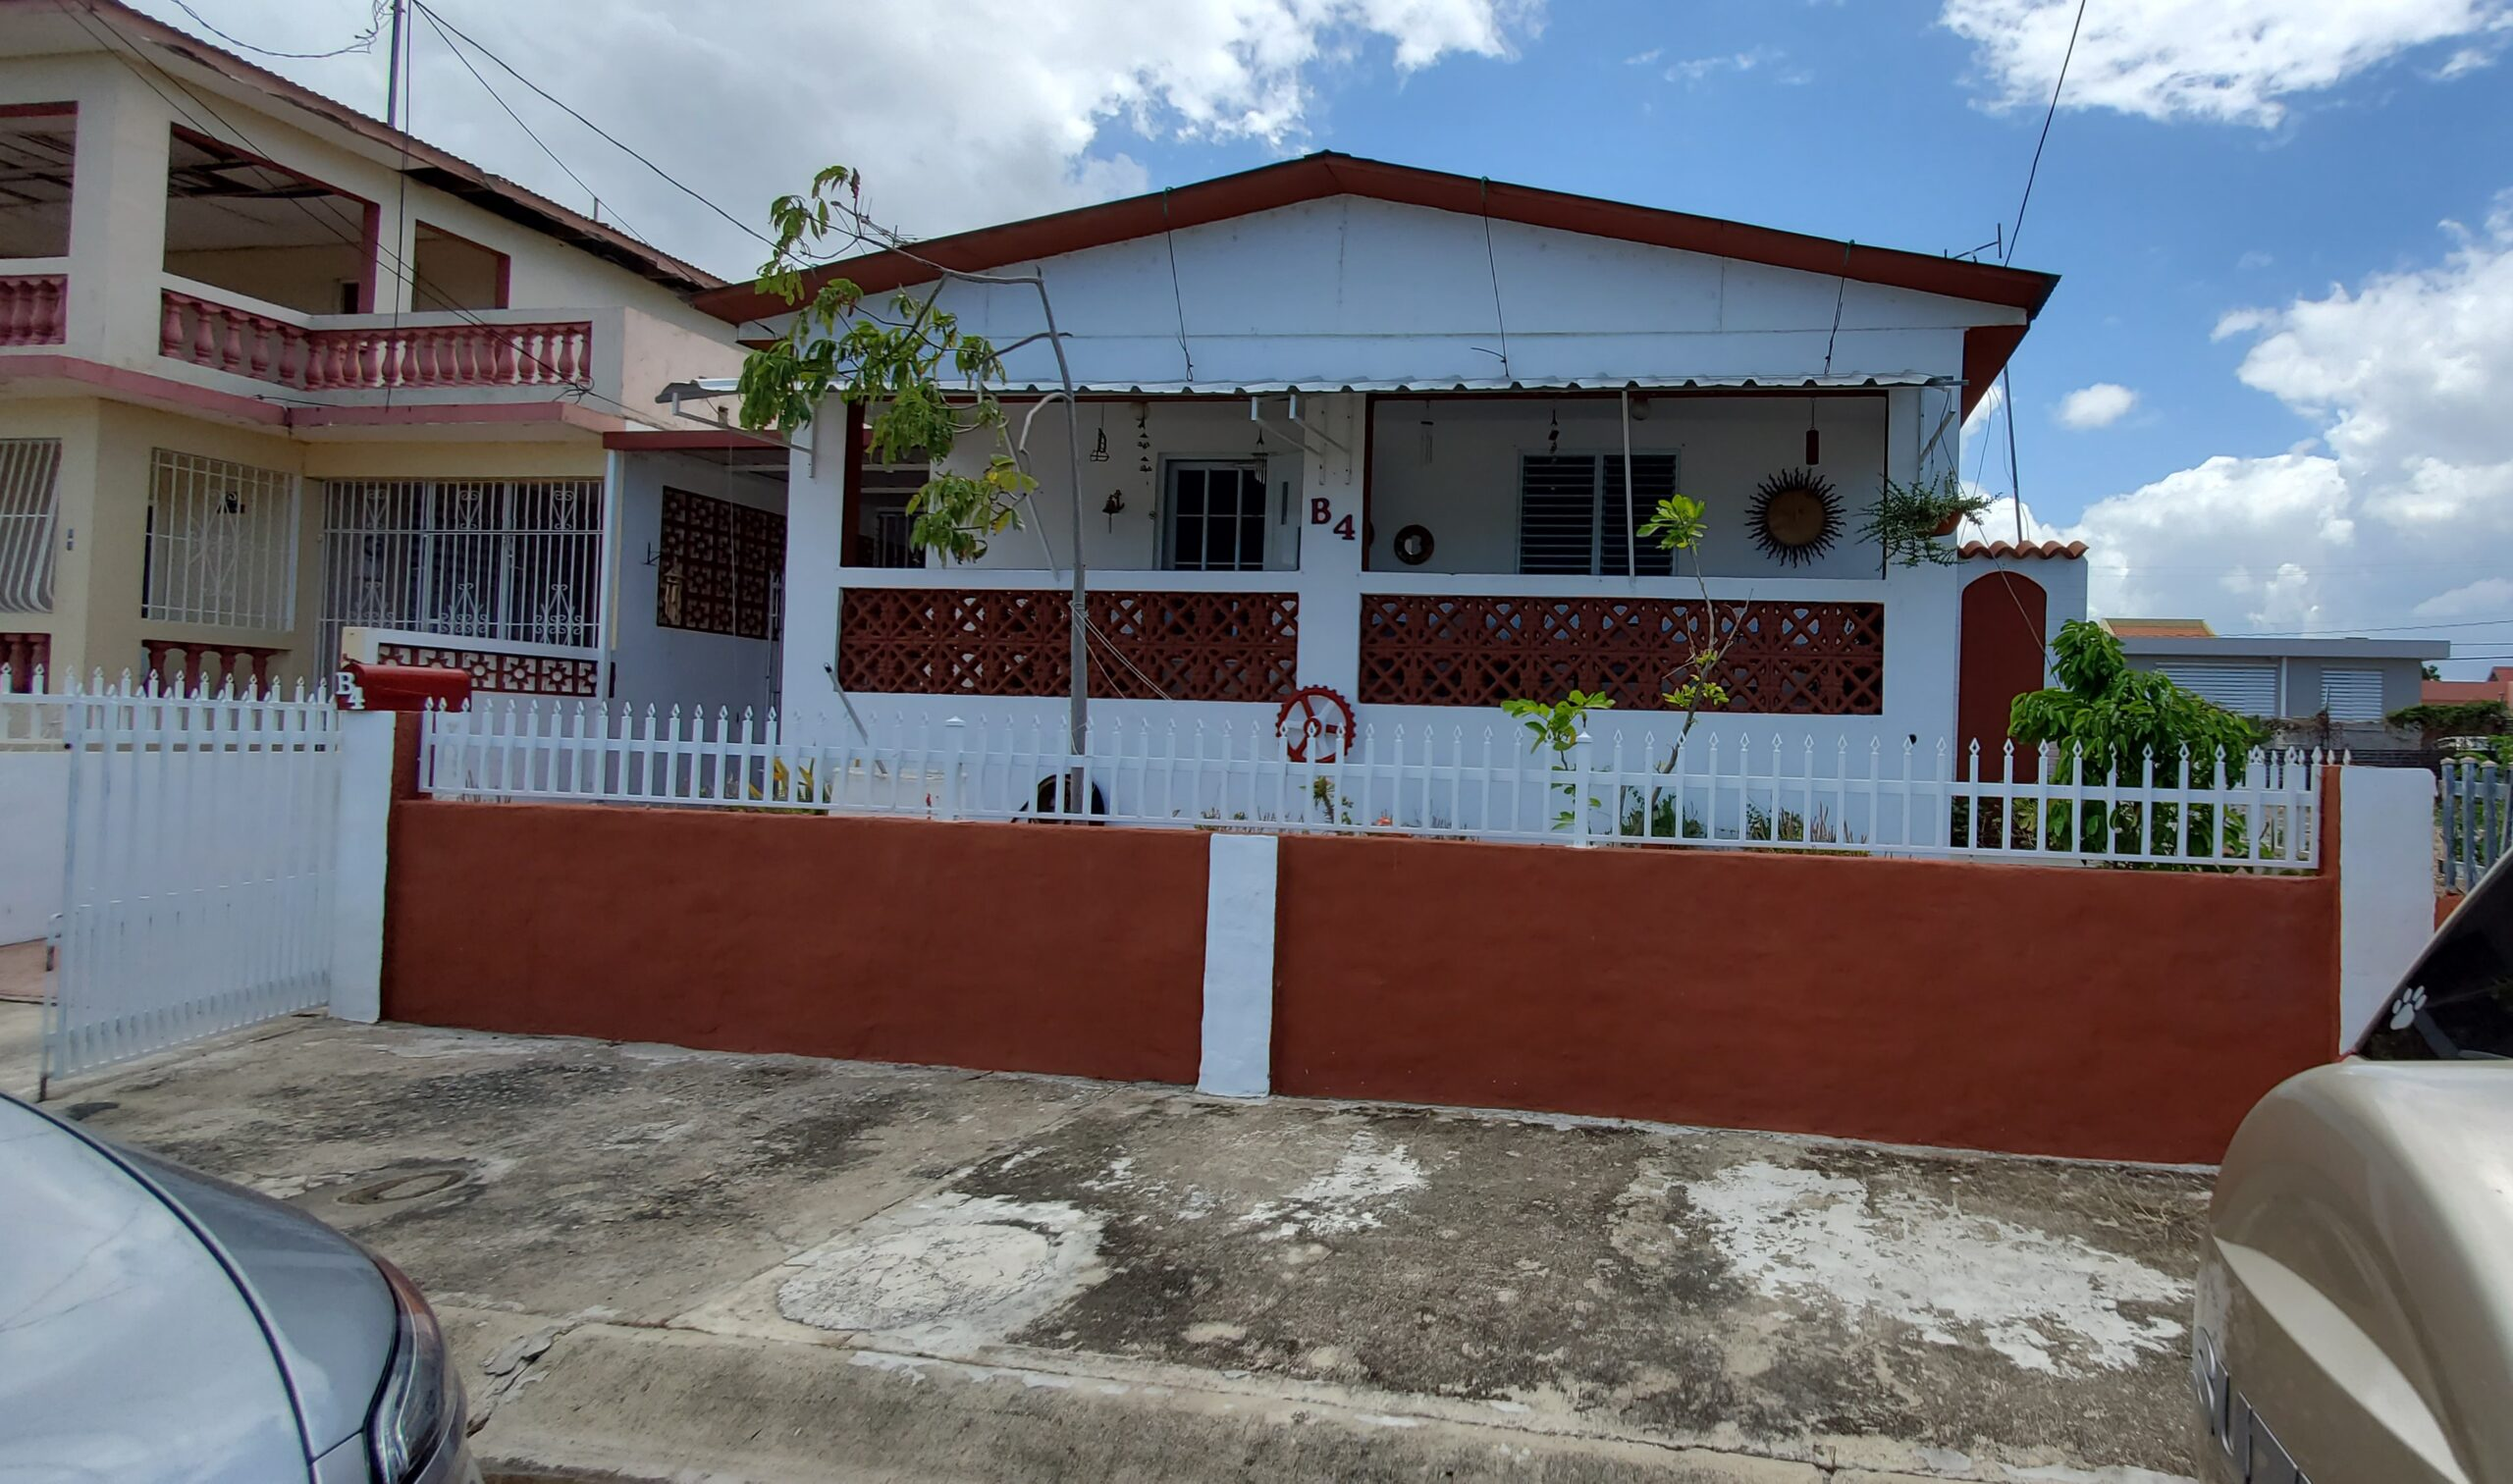 Brisas de Maravilla Calle Bella Vista B-4 $63,000  OBO **VENTA CASH **